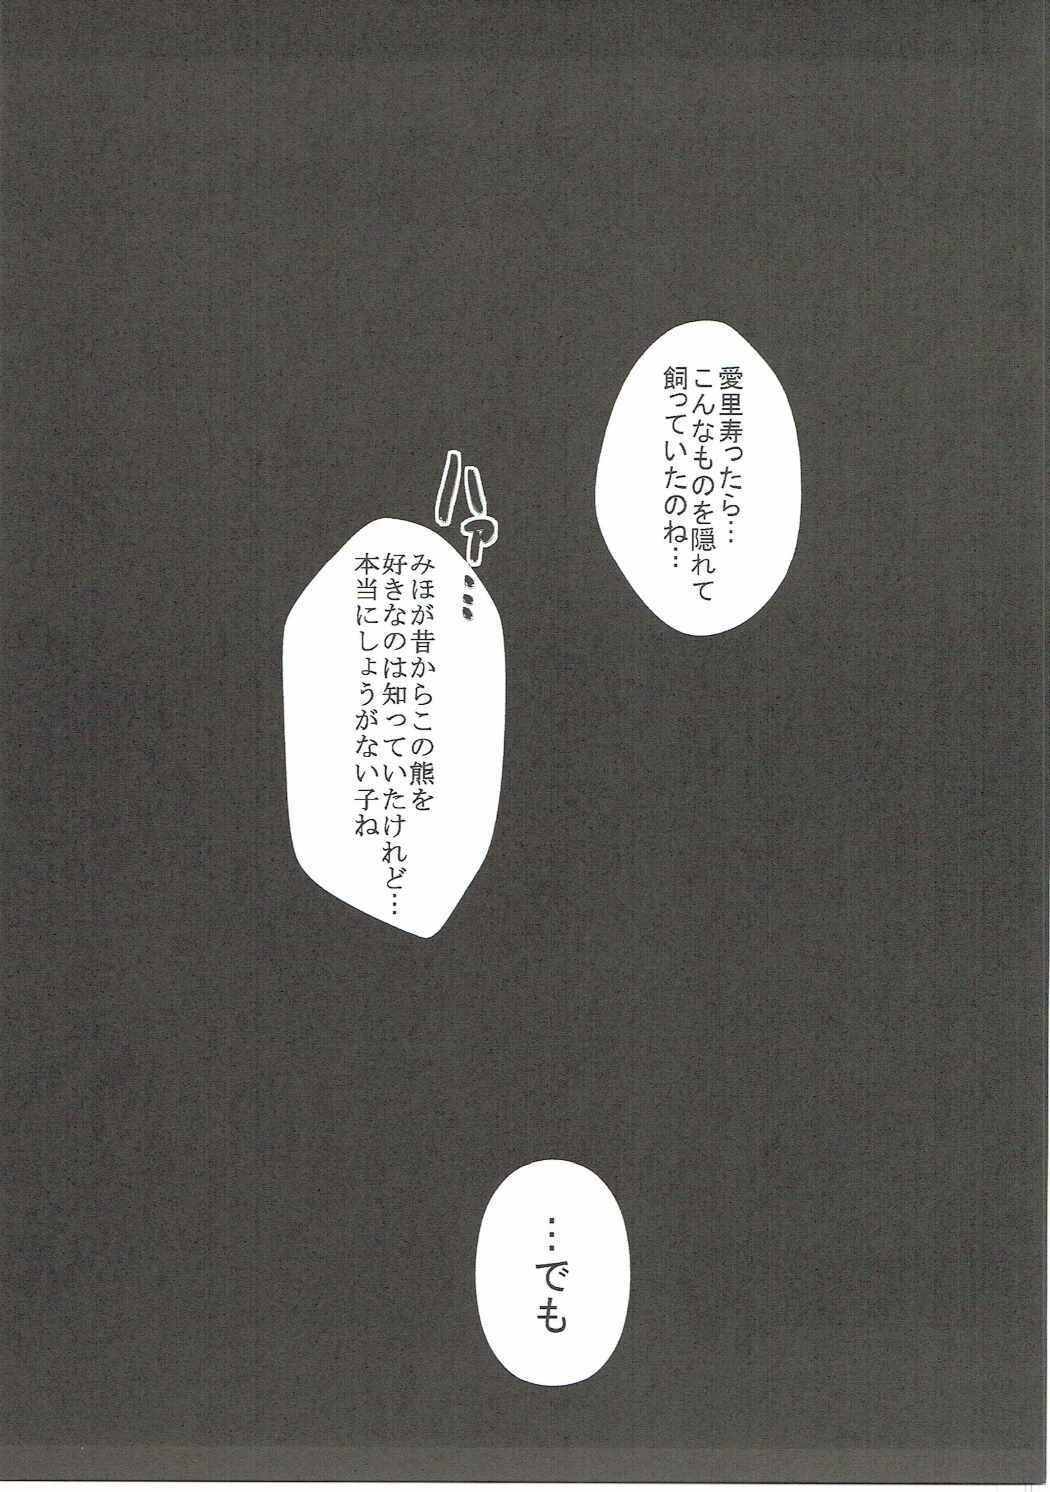 Tadashii Boko no Shitsukekata 19